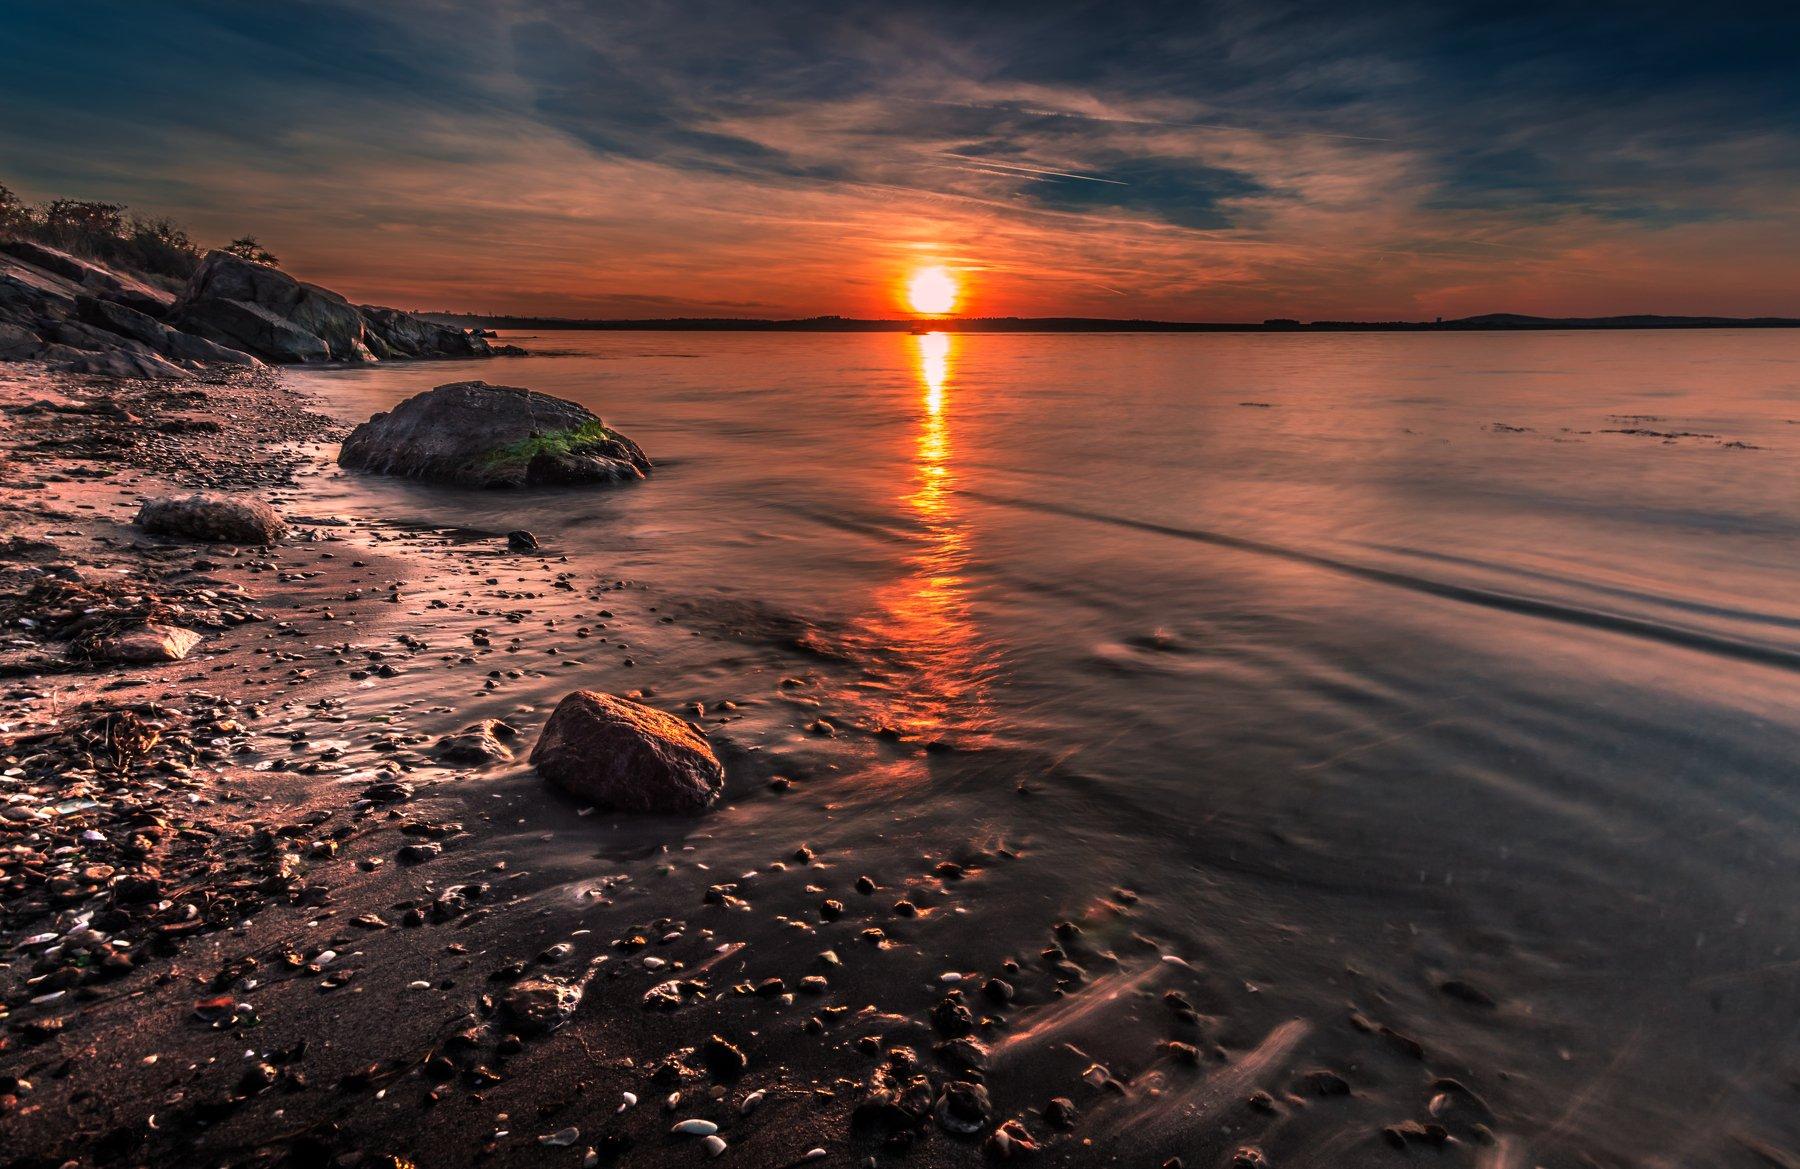 sunset, dark, sand, sea, seascape, rocks, Jeni Madjarova